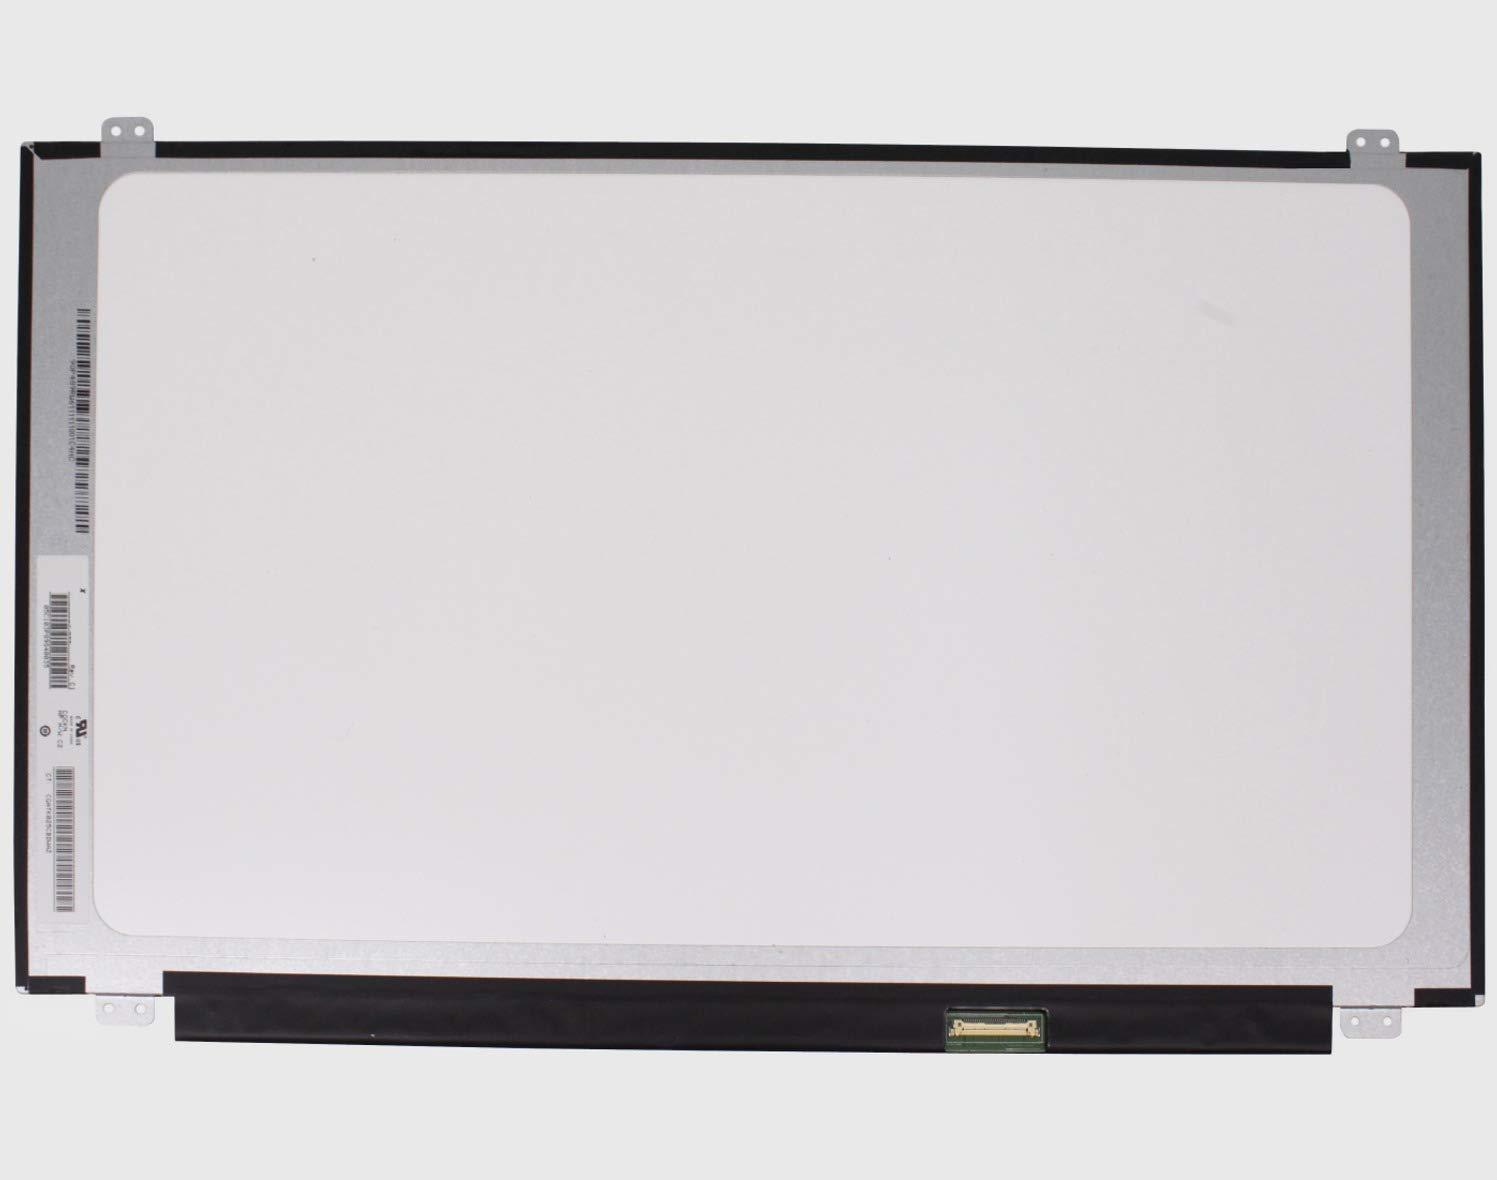 """Chimei N156BGE-E31 Rev.C1 15.6/"""" 1366x768 Matte Laptop Screen"""